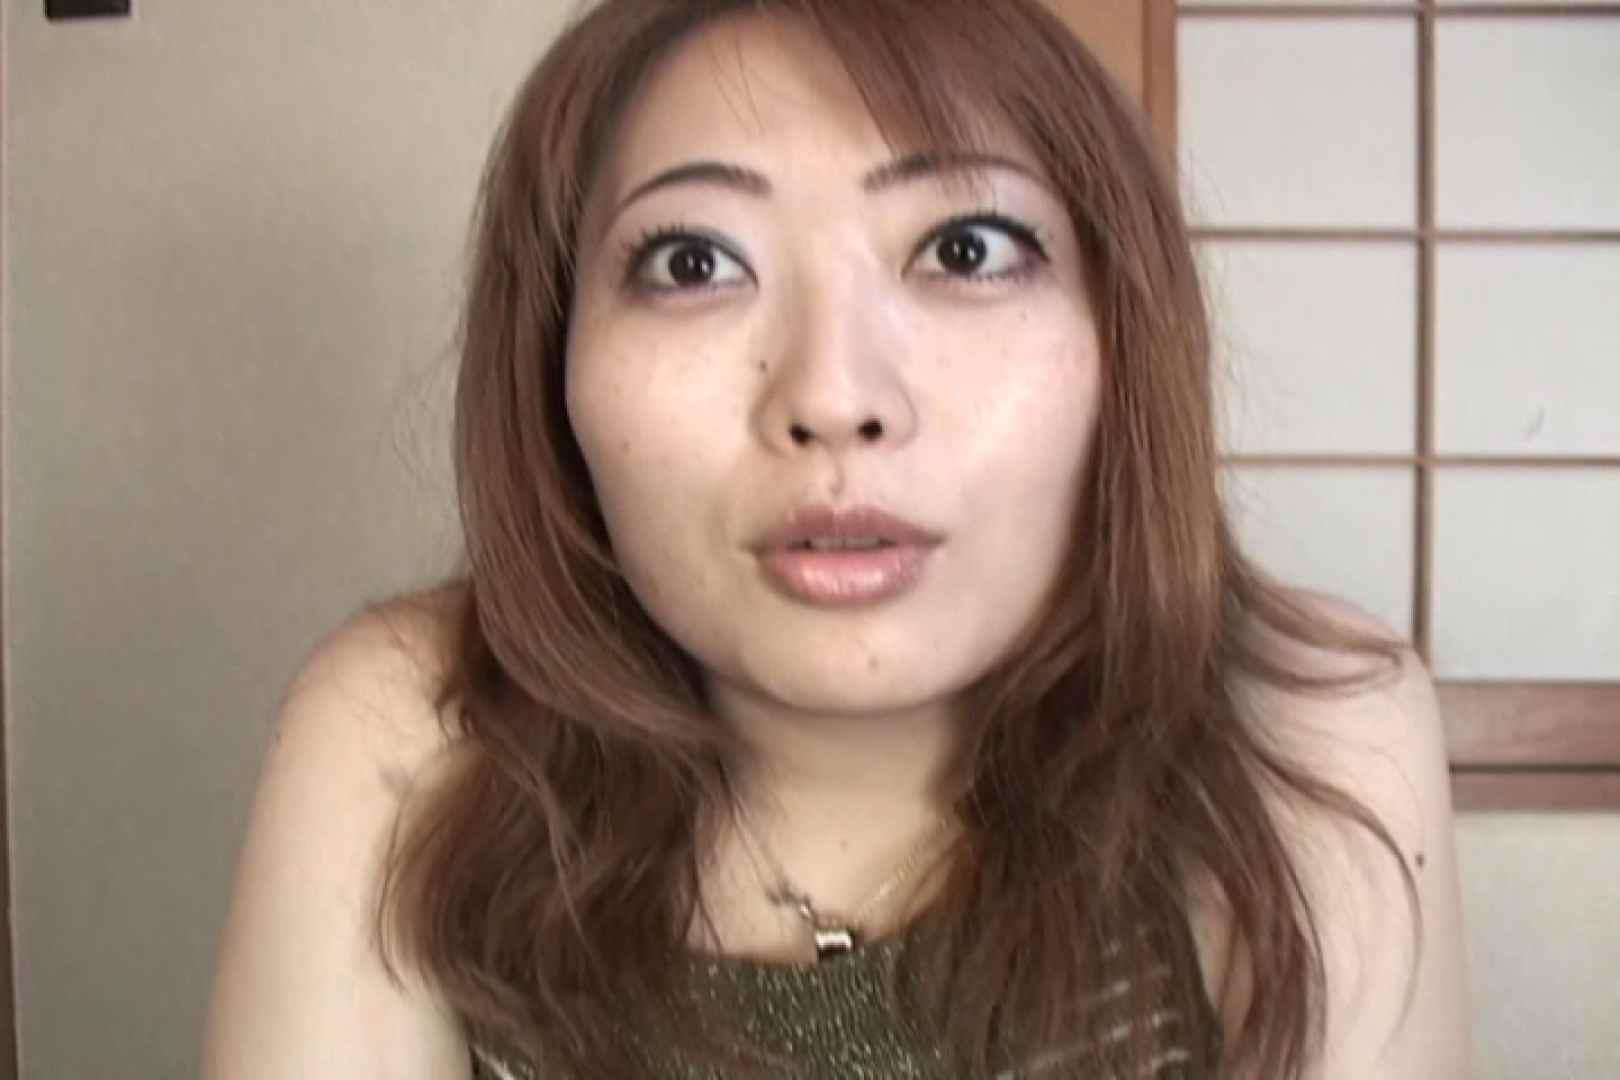 仕事で月200本のチンポを相手する22歳若人妻~桜井あい~ 人妻のエッチ | 熟女のエッチ  108pic 81